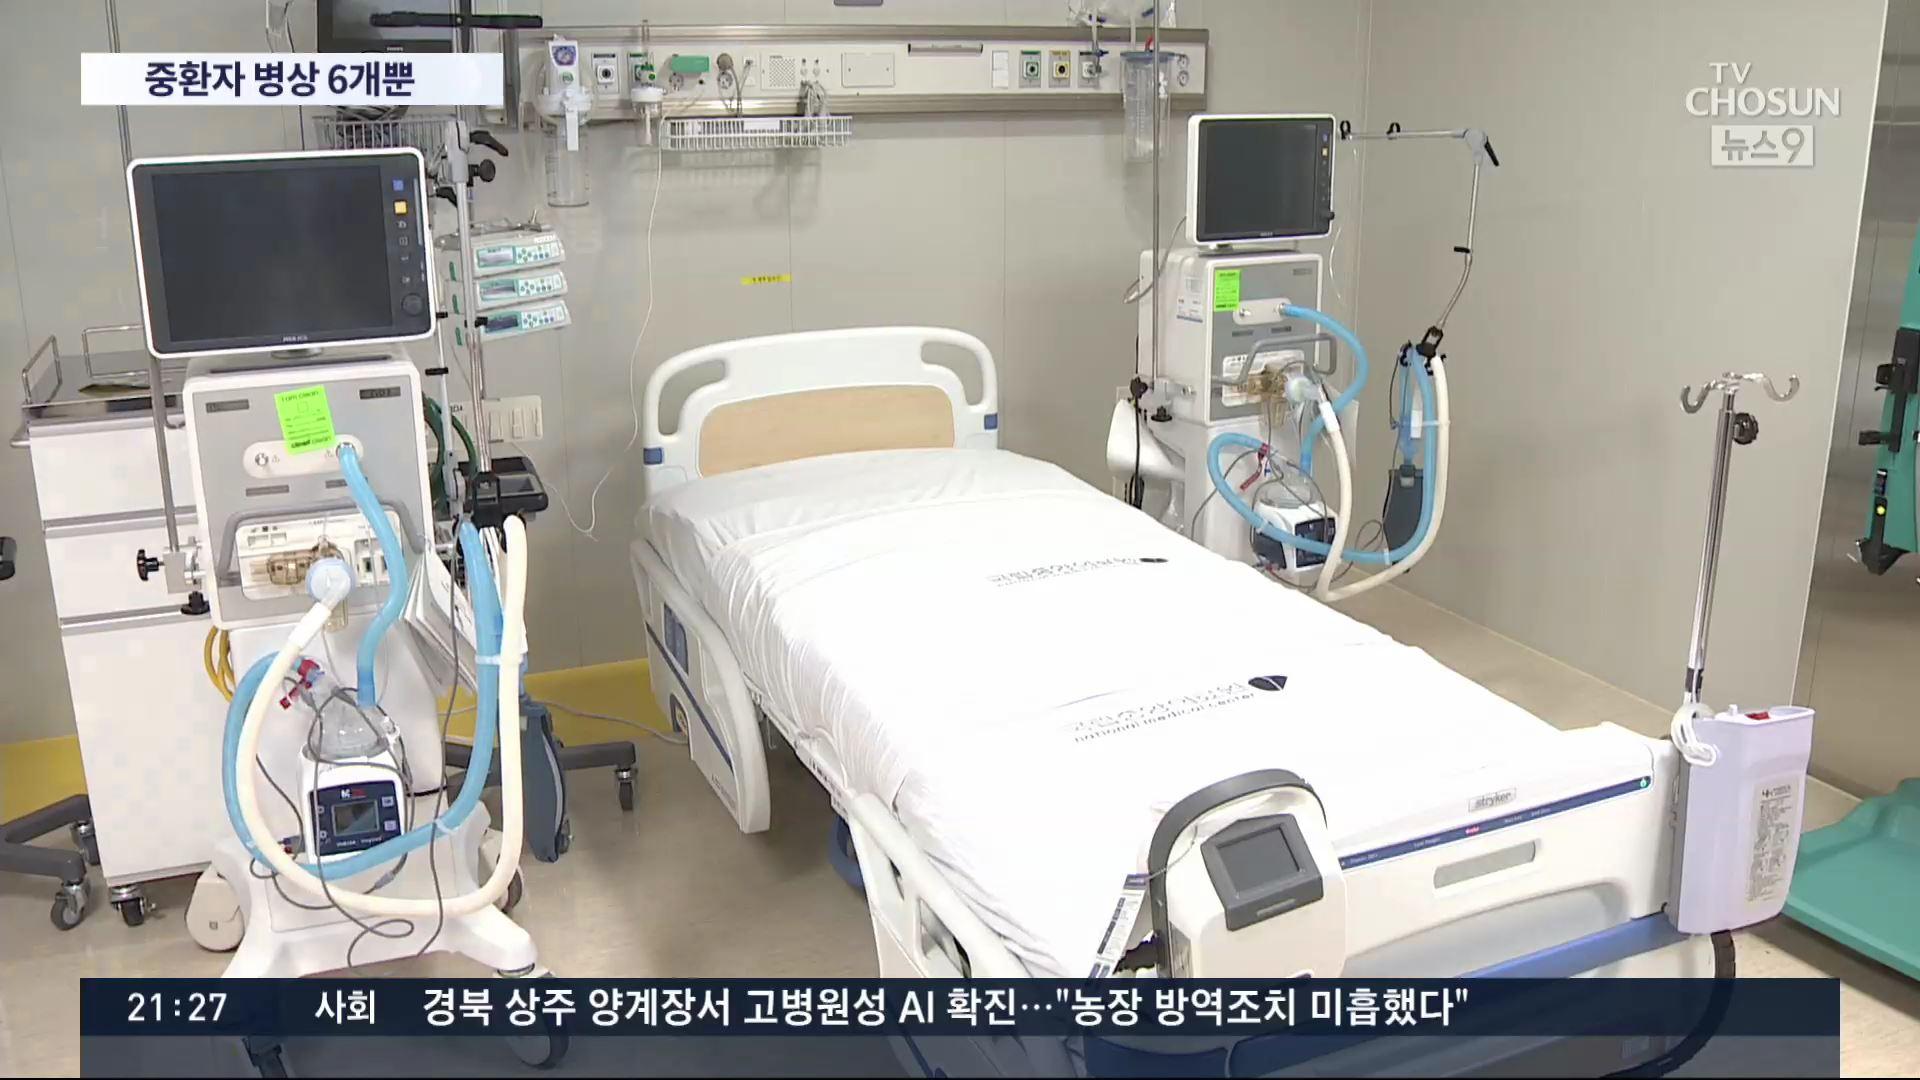 중환자 병상 서울 6개, 부산 등 0개…치료 '골든타임' 놓칠까 우려